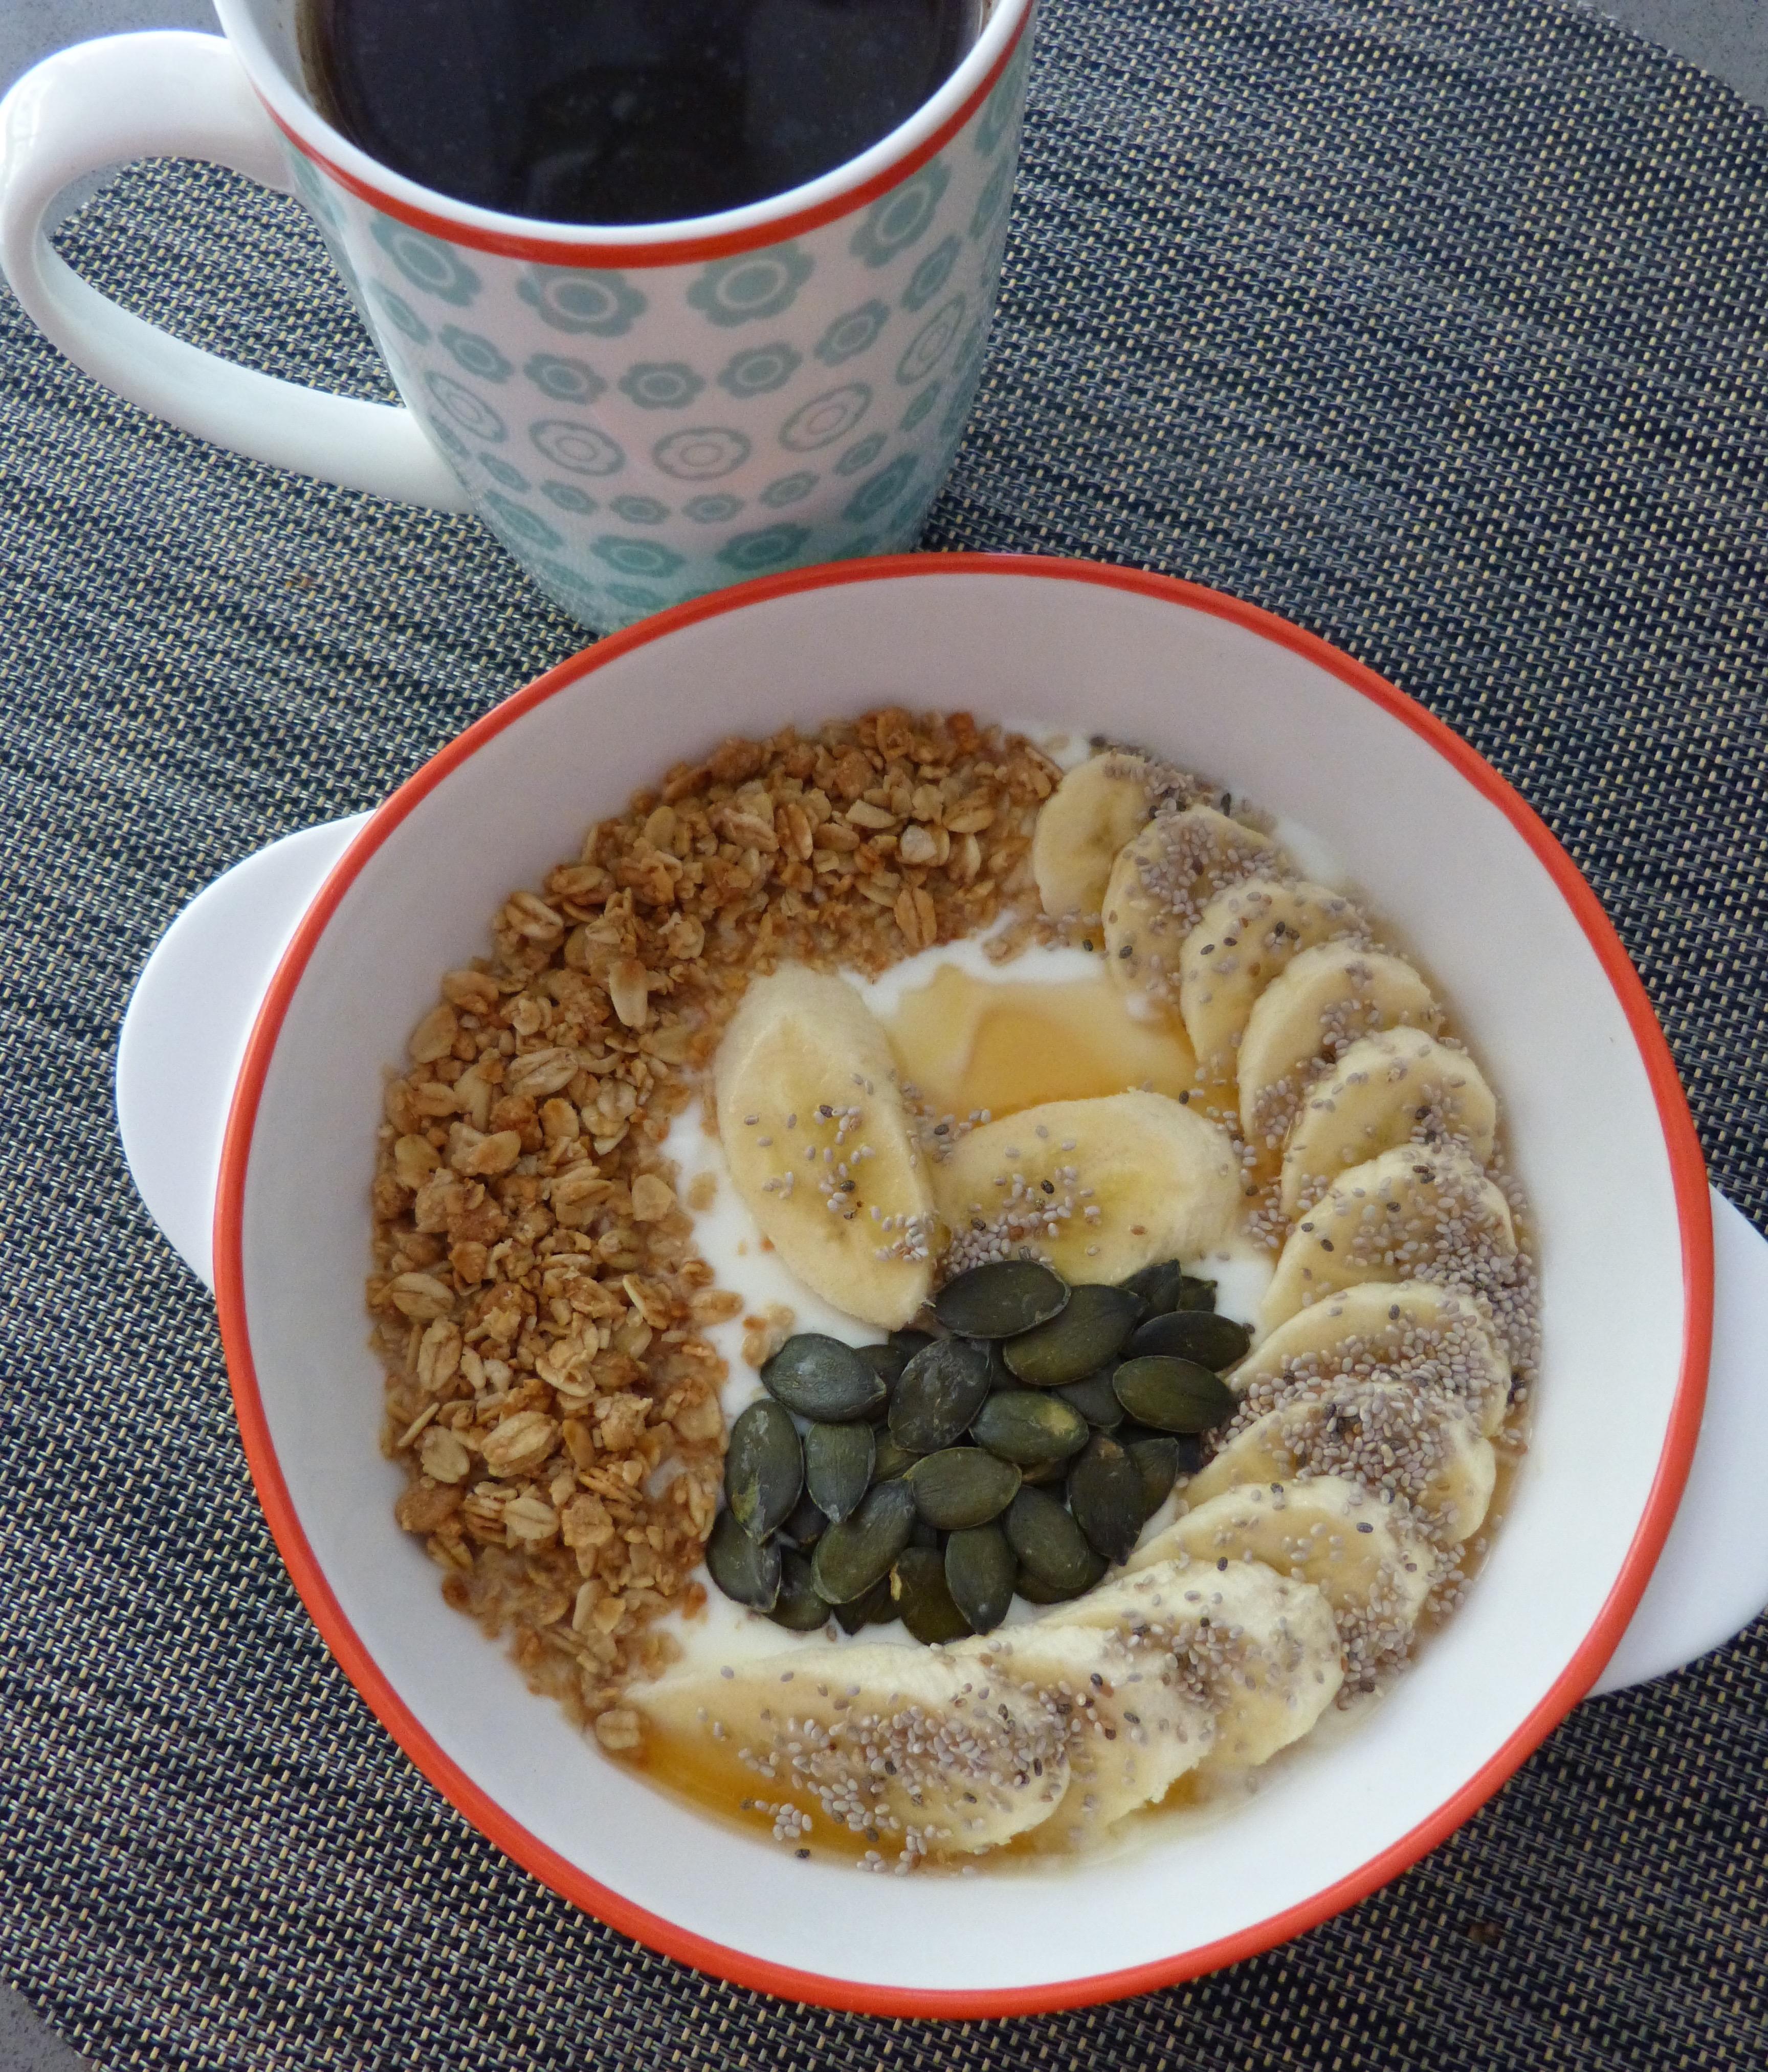 yaourt au muesli banane miel et graines. Black Bedroom Furniture Sets. Home Design Ideas